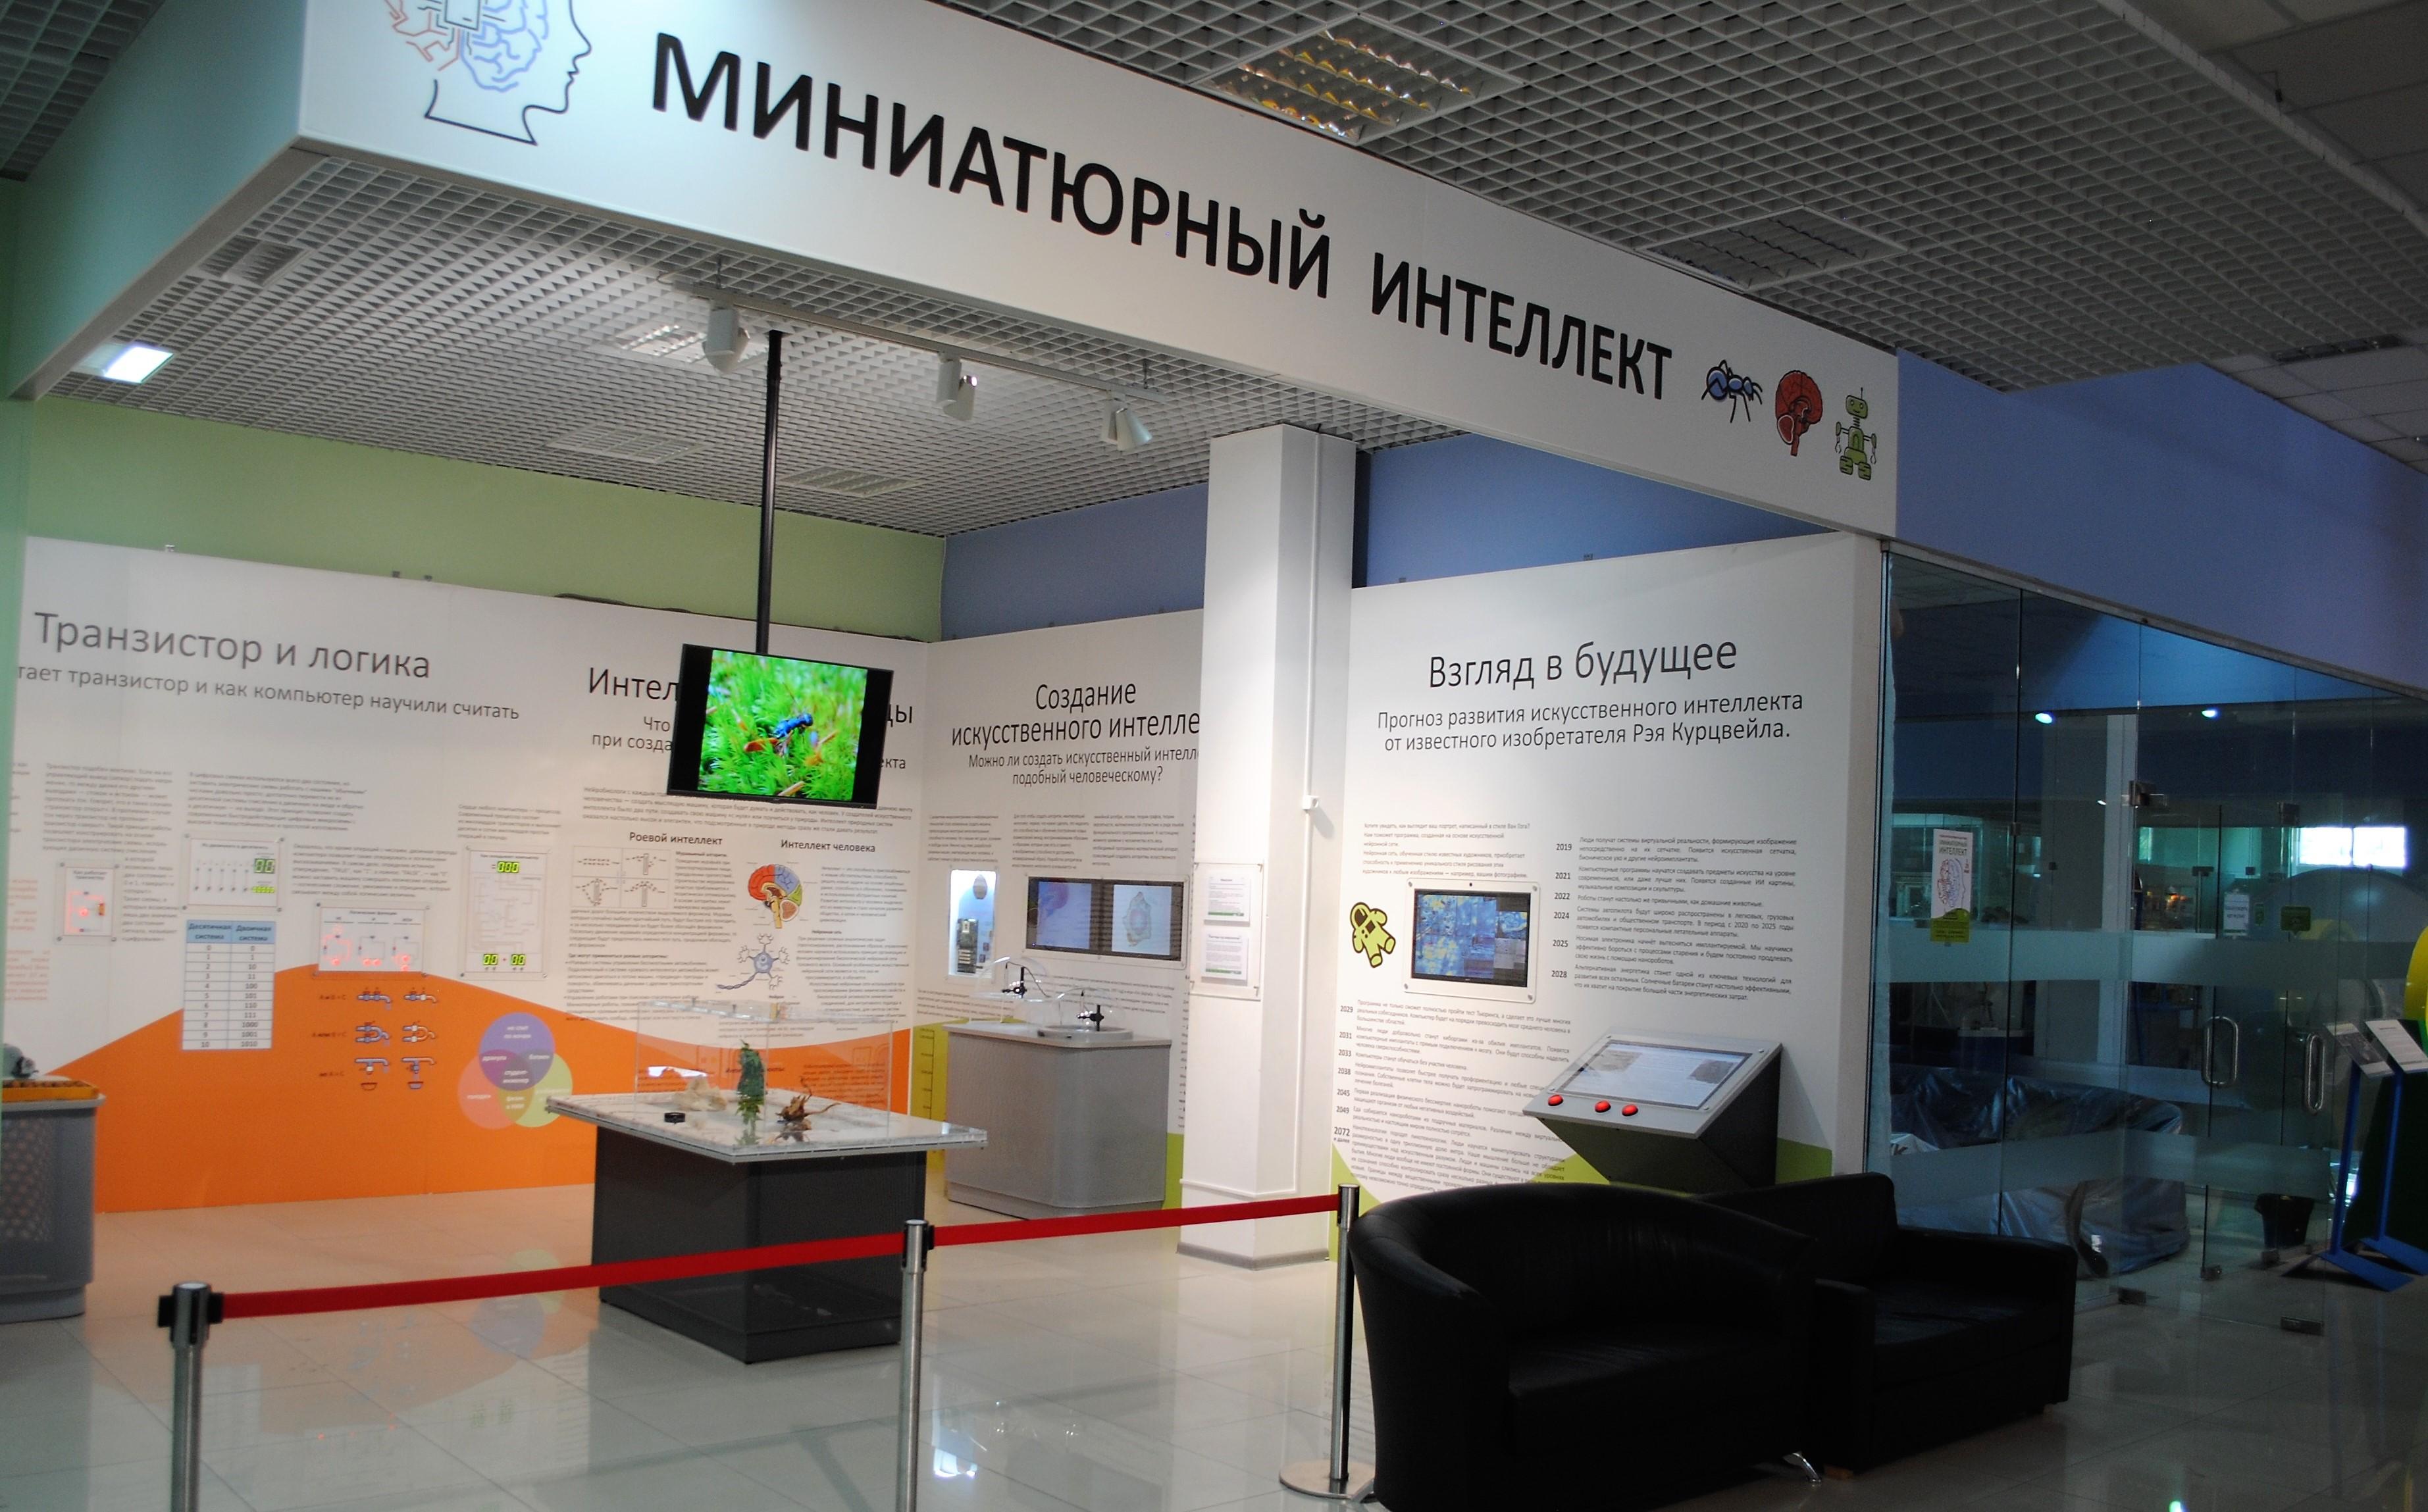 Выставка «Миниатюрный интеллект»